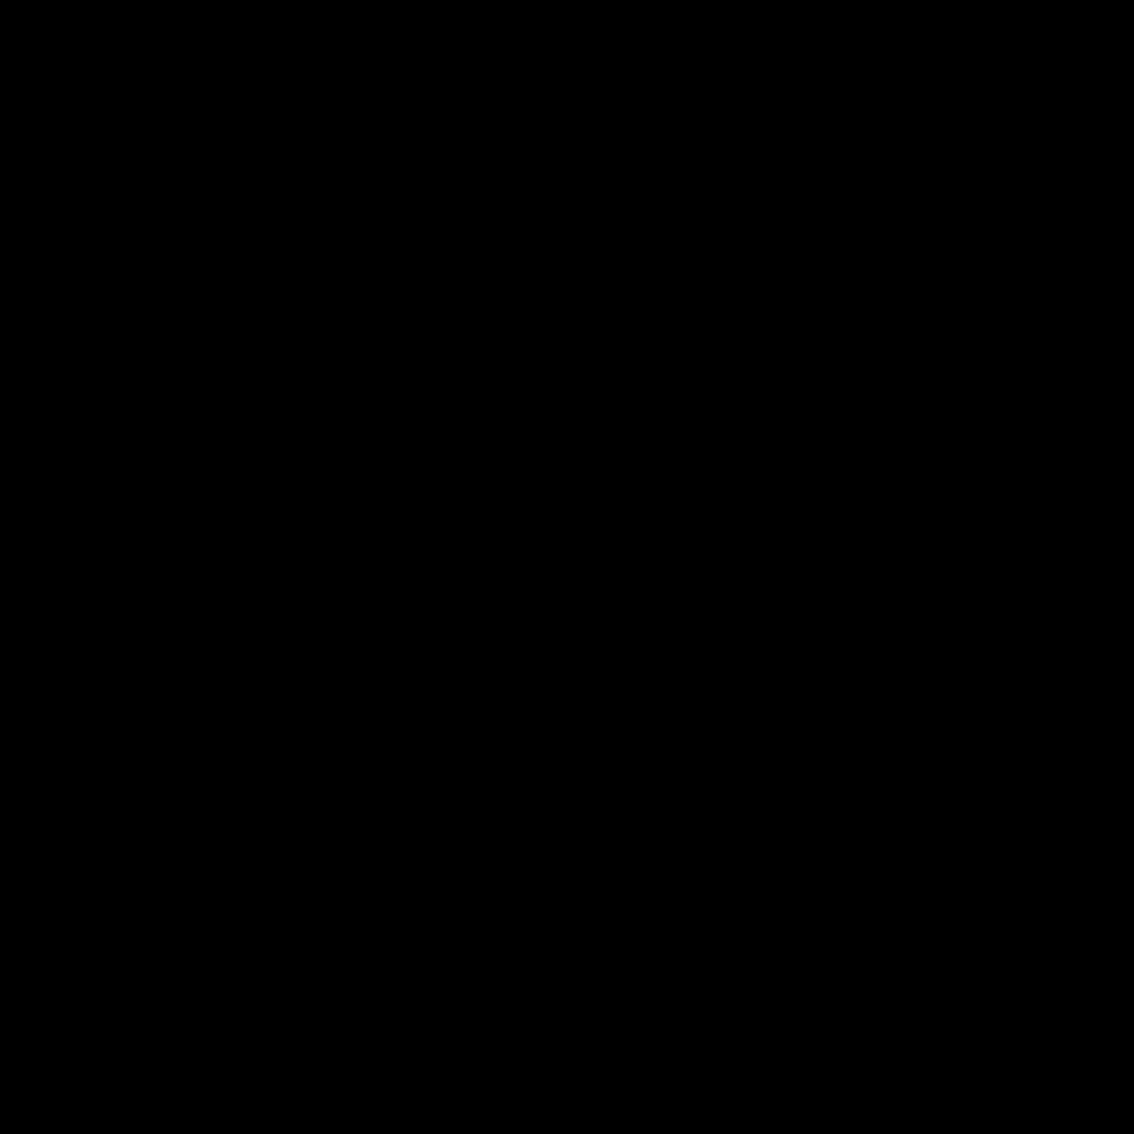 07_charo-lopez-retrato